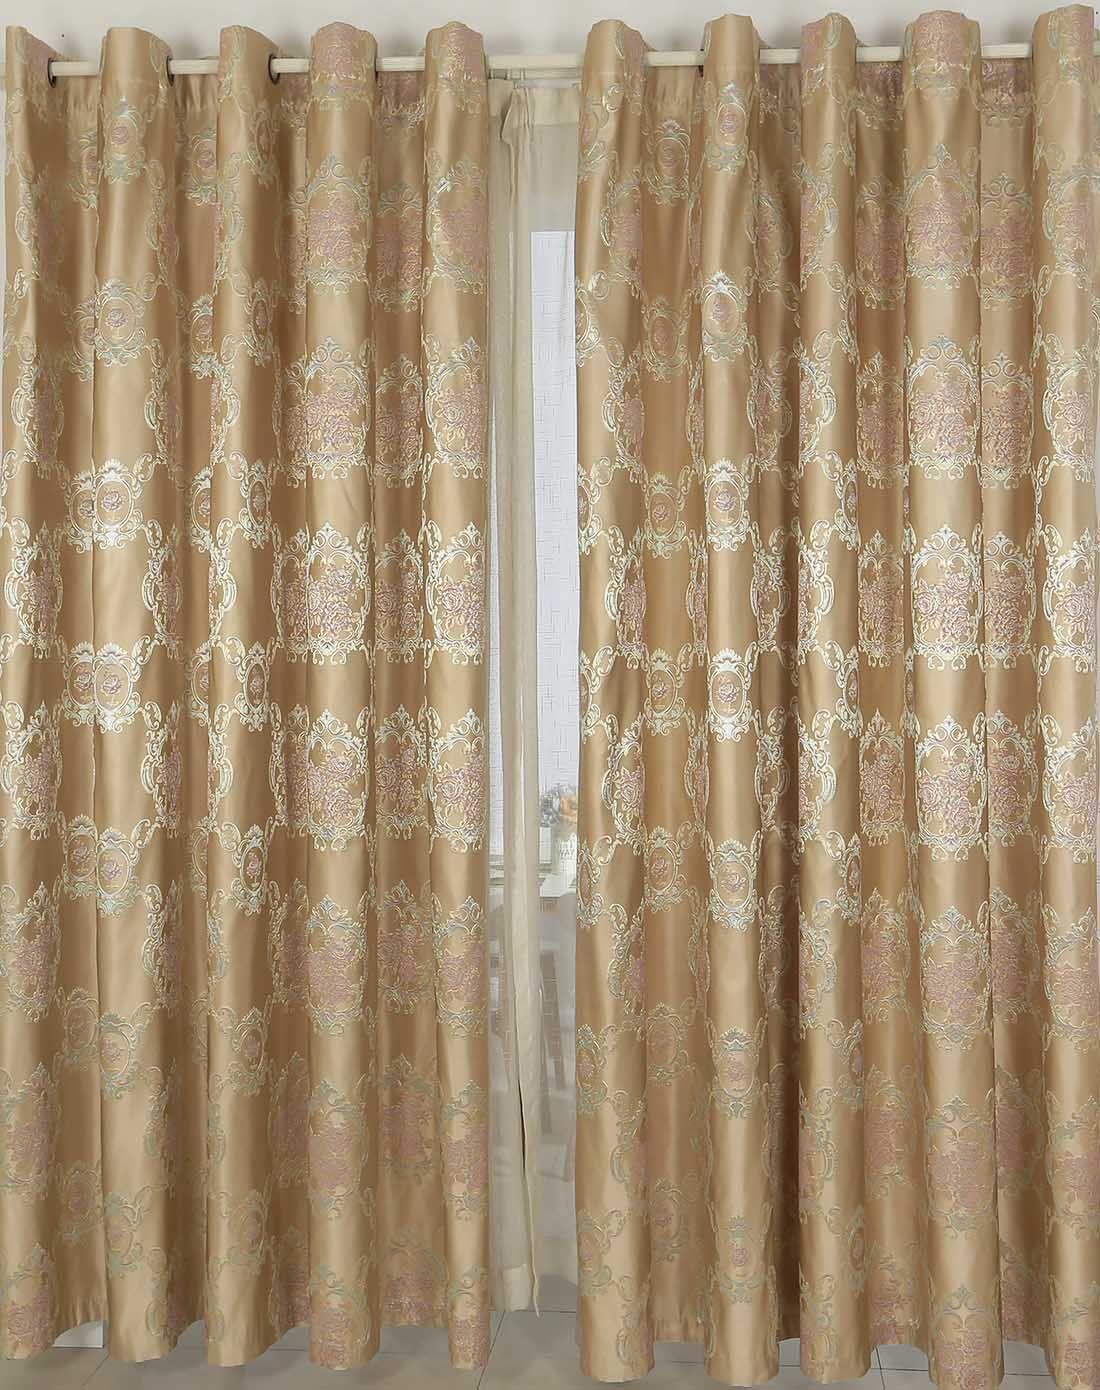 窗帘挂钩式和打孔式